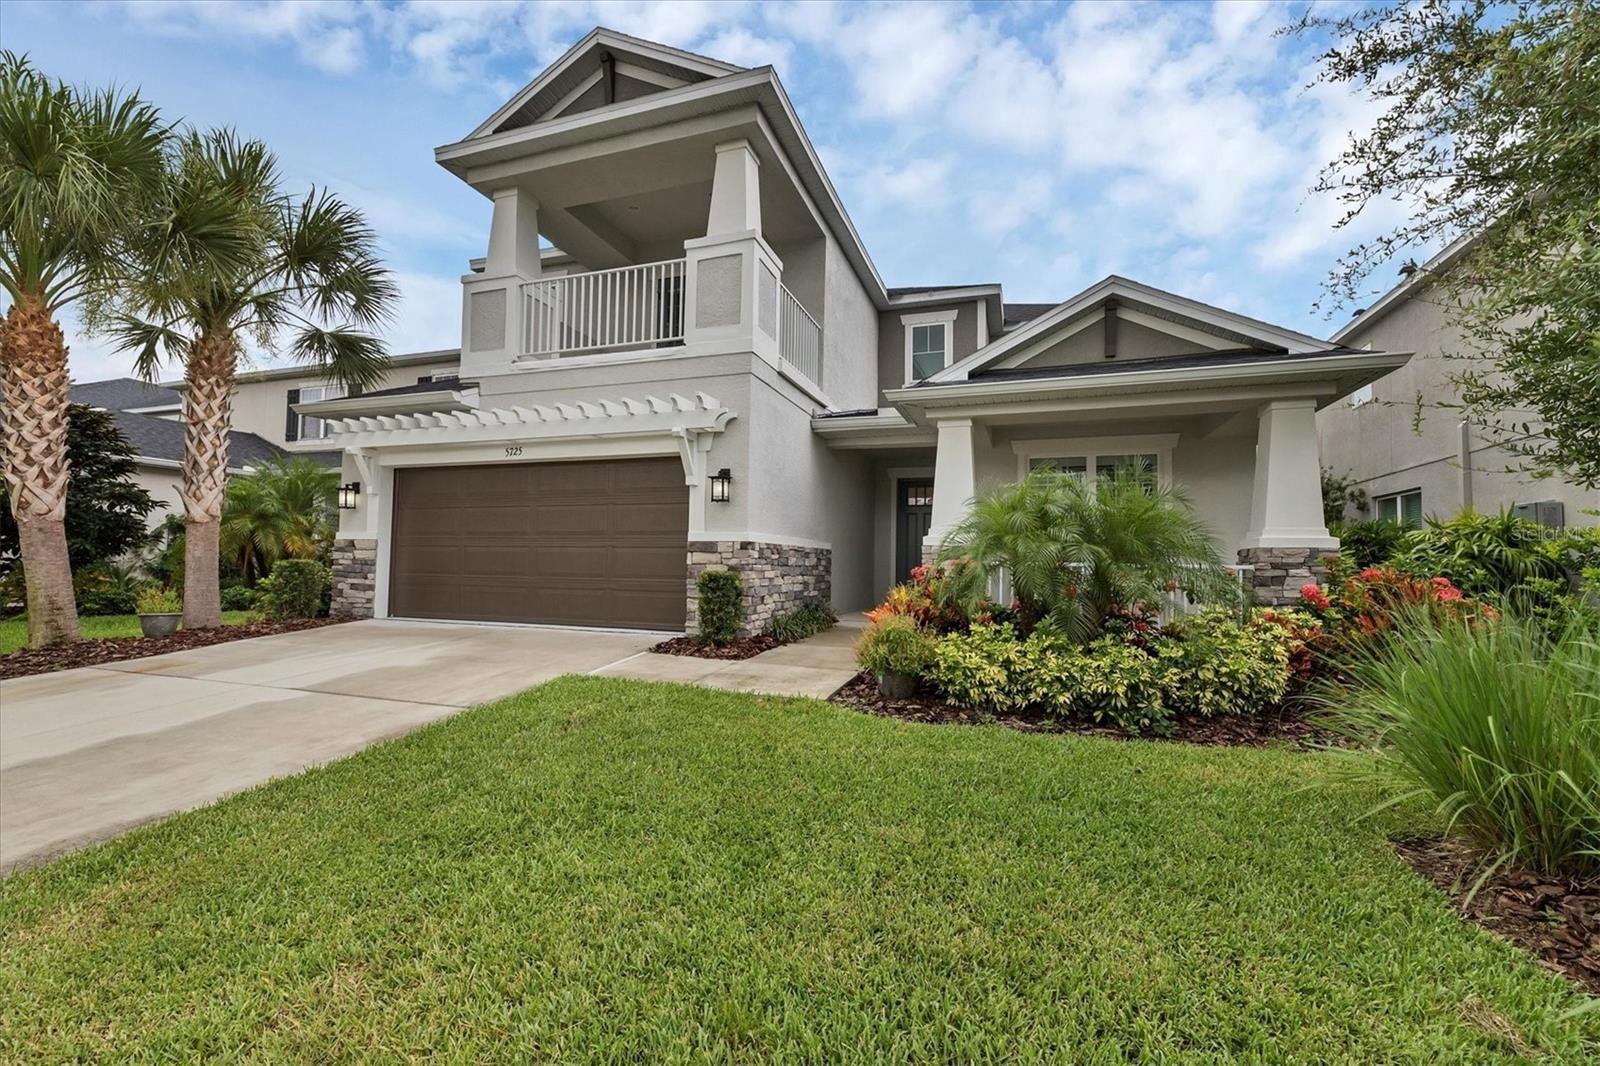 Photo of 5725 WILD SAGE CIRCLE, SARASOTA, FL 34238 (MLS # T3321358)